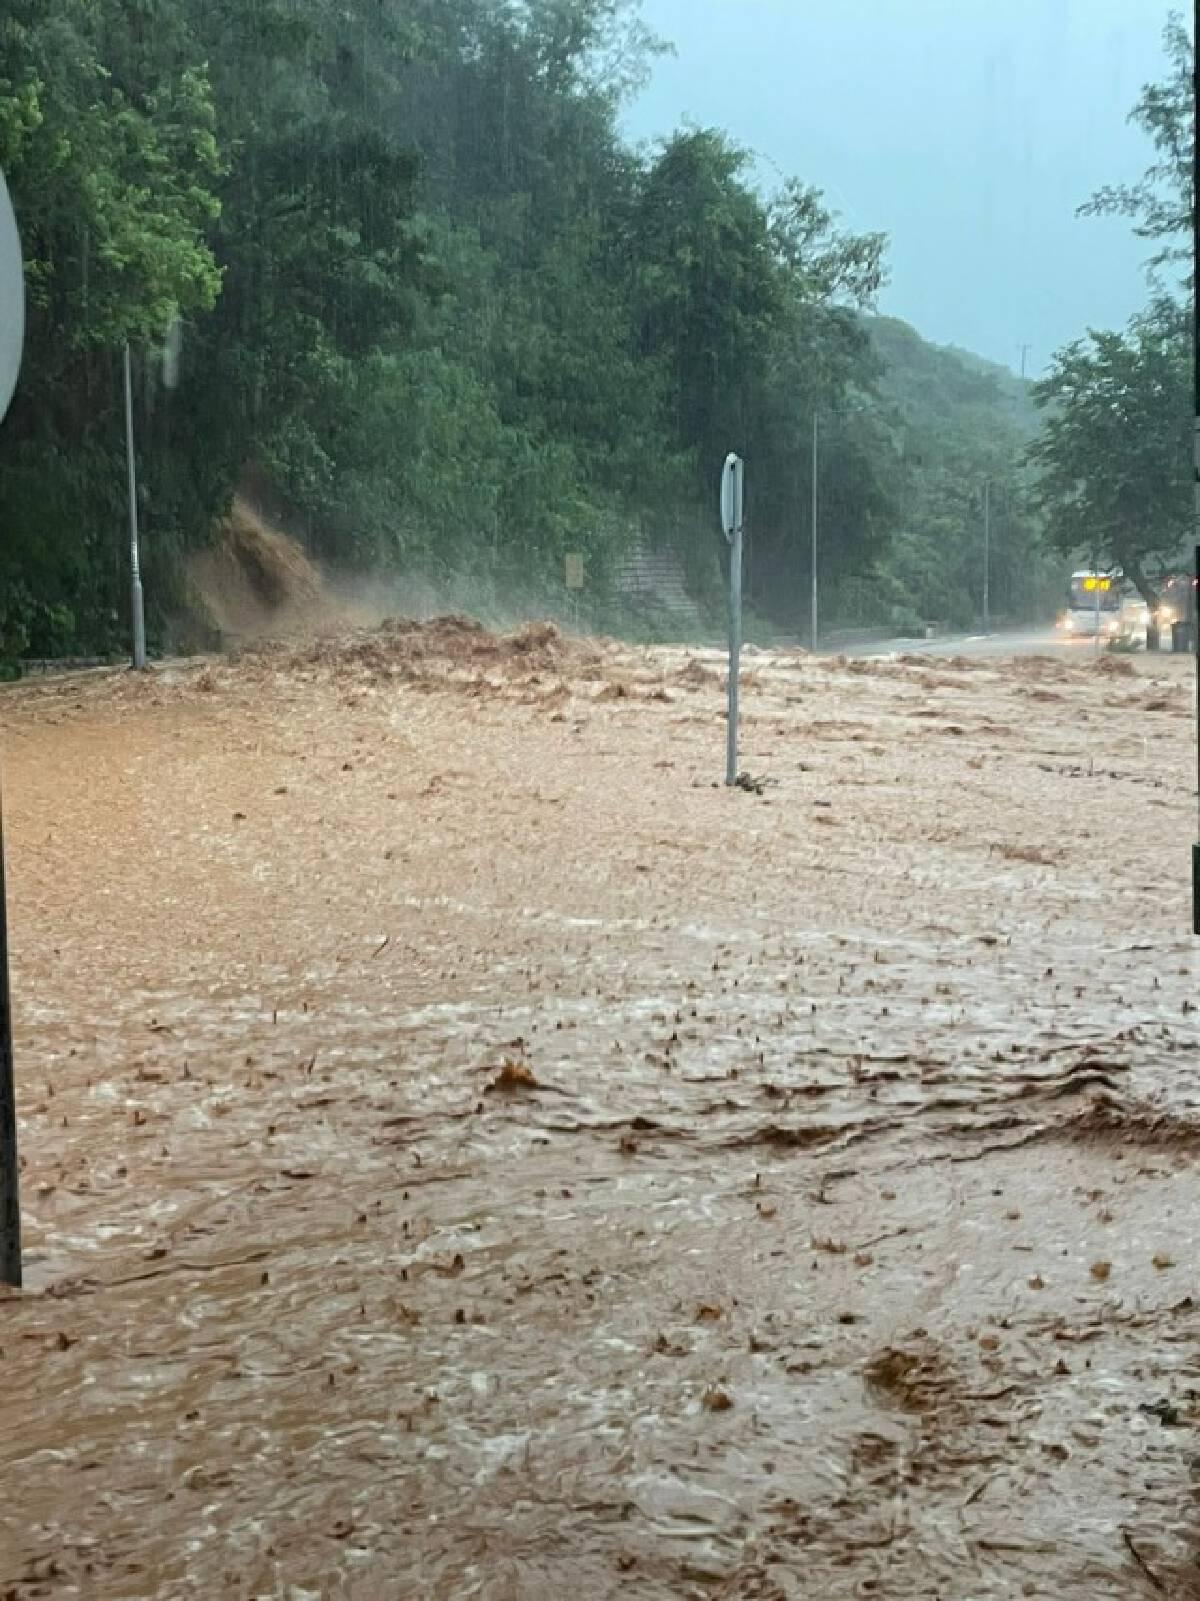 ฮ่องกงประกาศเตือนภัยระดับสูงสุด หลังเจอฝนตกหนัก-ดินถล่มหลายพื้นที่